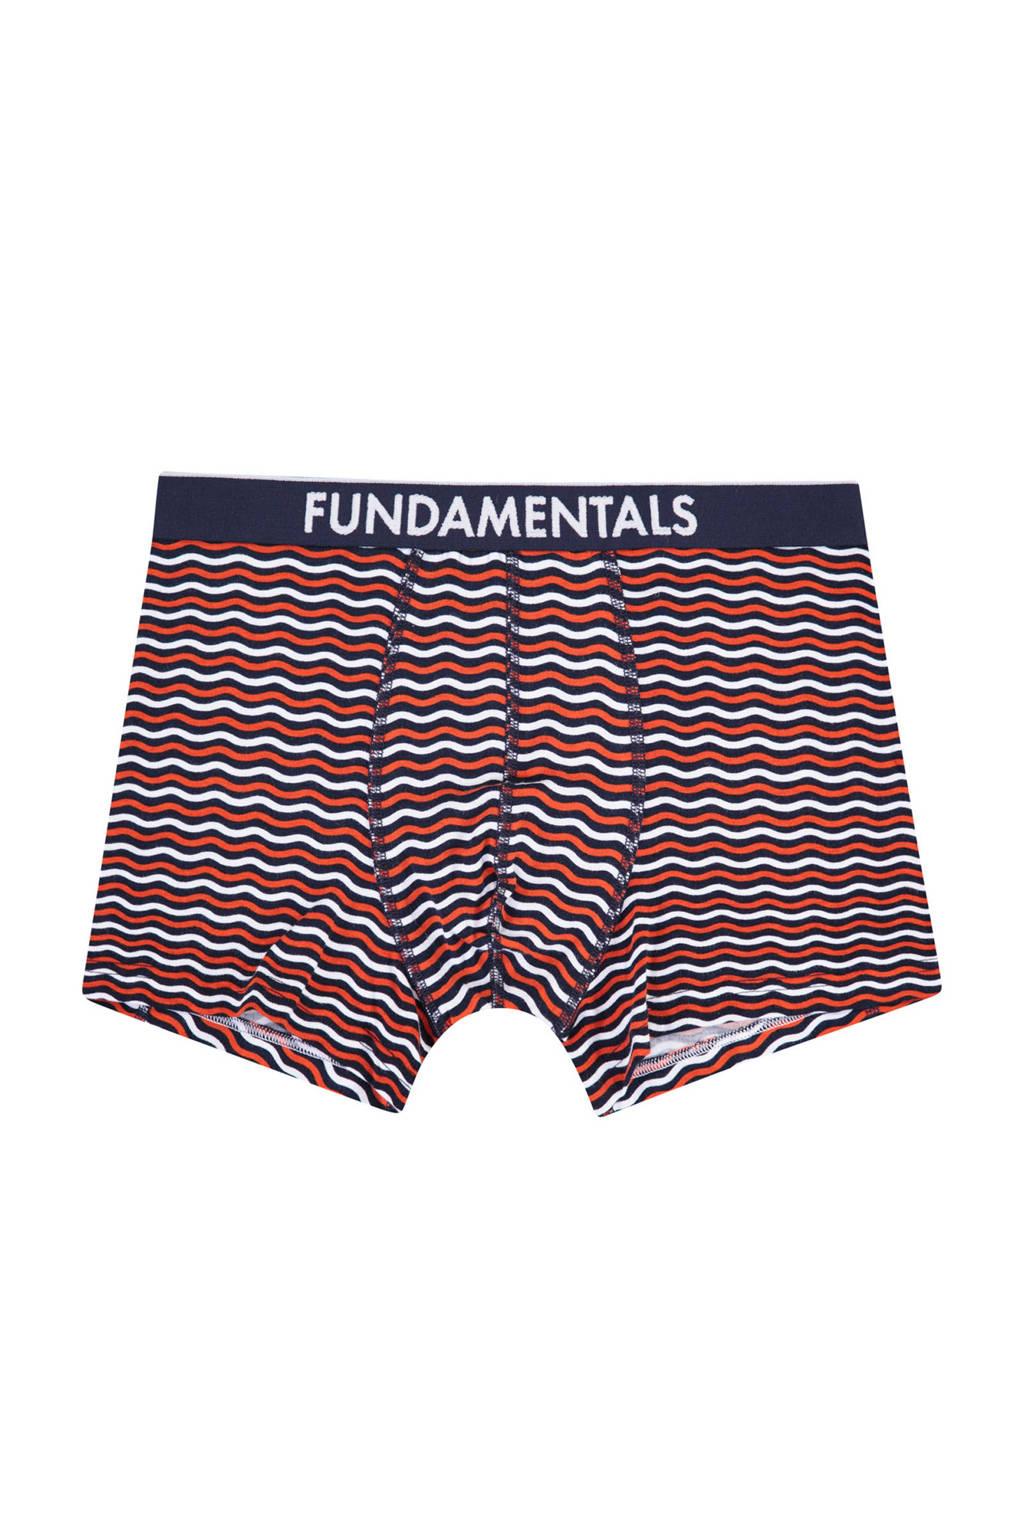 WE Fashion Fundamental boxershort, Rood/marine